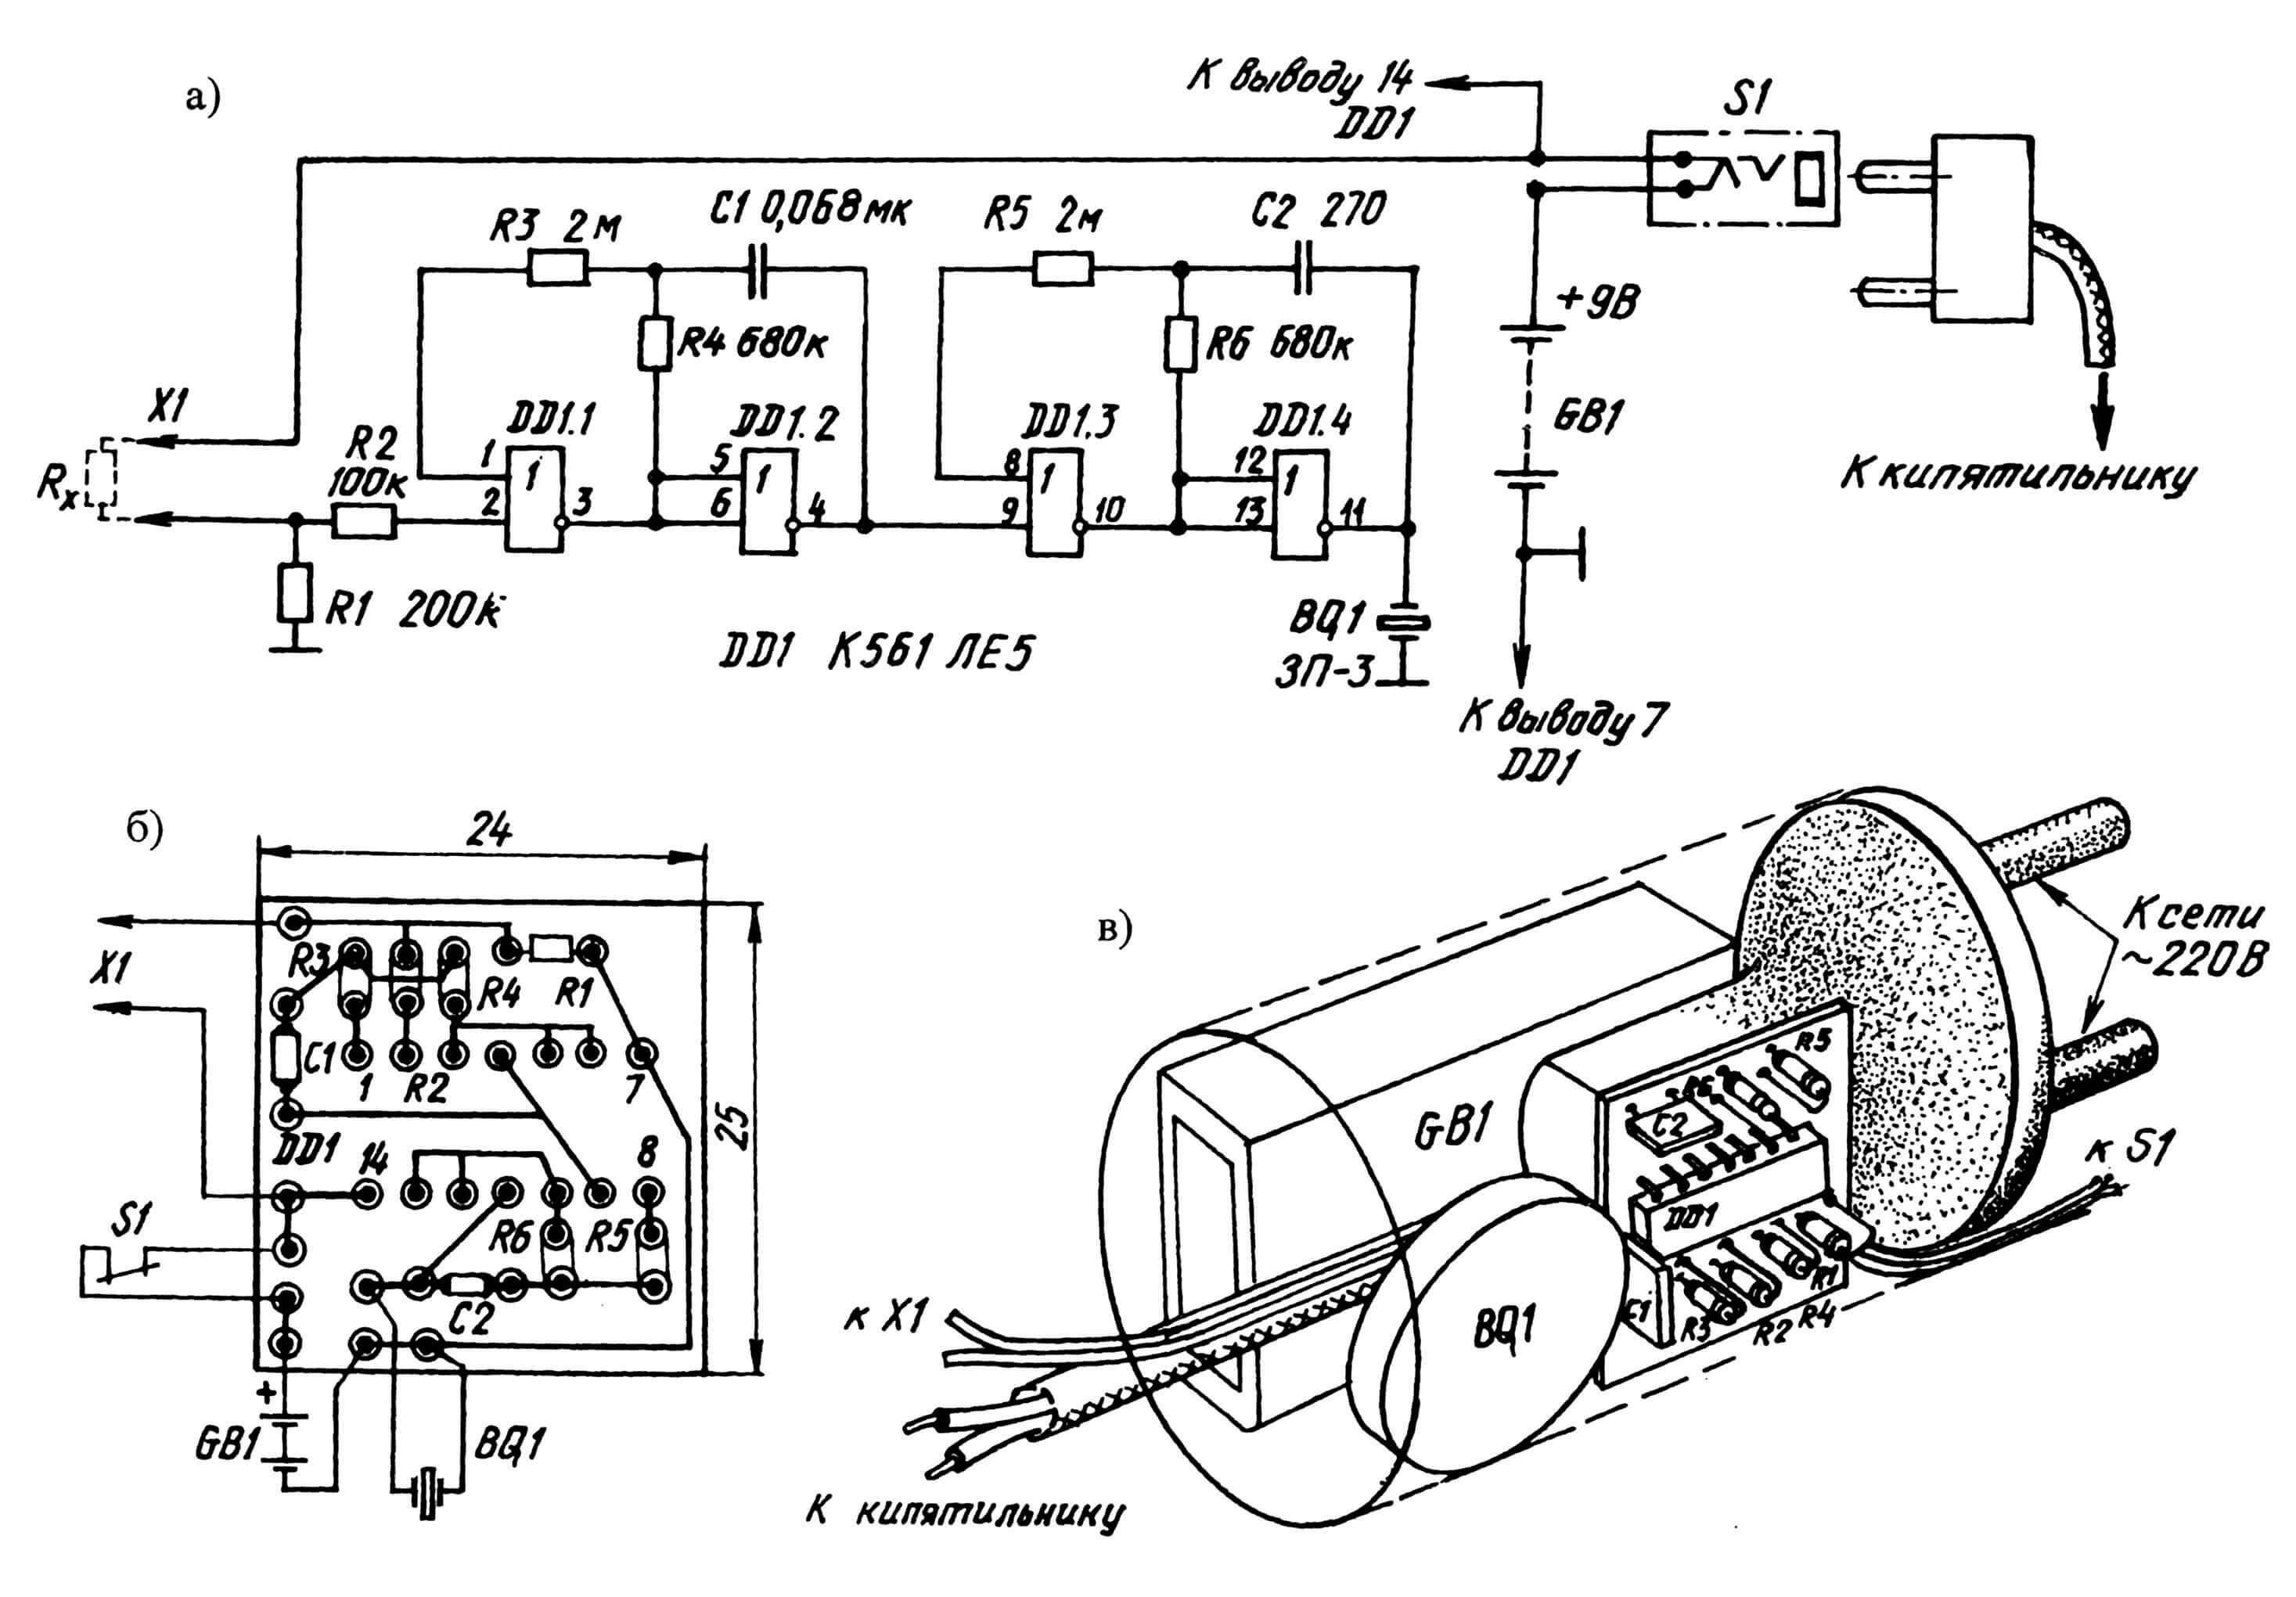 Рис. 2. Принципиальная электрическая схема самодельного автомата-сигнализатора (а) для безопасного кипятильника, топология печатной платы (б) и вариант компоновки радиодеталей готового устройства (в).